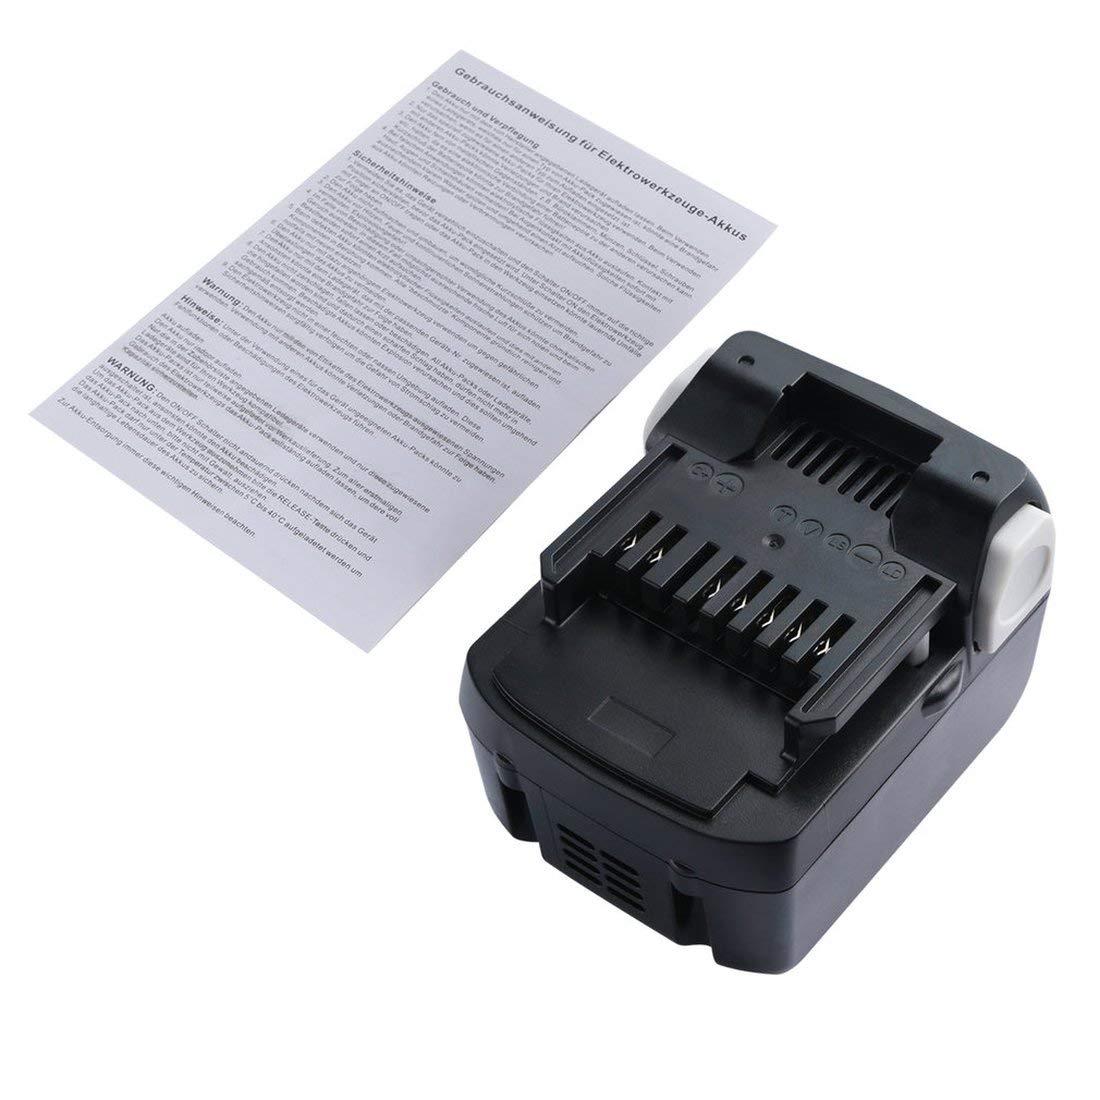 vbncvbfghfgh Negro PC 14.4V Bater/ía de herramienta el/éctrica de repuesto de iones de litio para la serie de herramientas HITACHI ABS Estuche Ligero 4000mah 18V